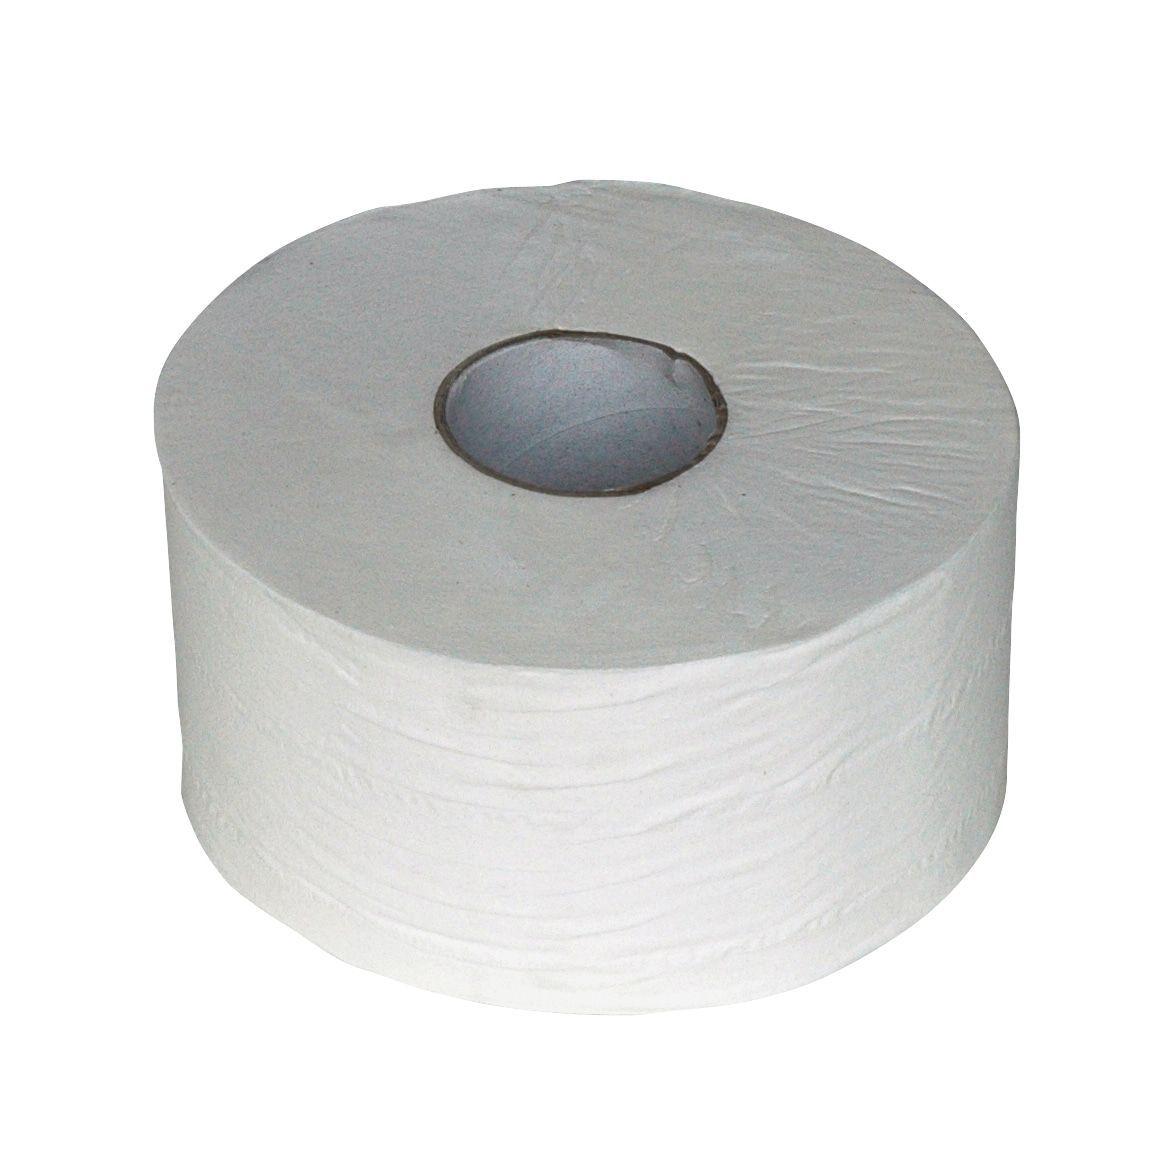 Toiletpapier 240018 mini jumbo 2 laags cellulose 180 meter 12rollen (240018)